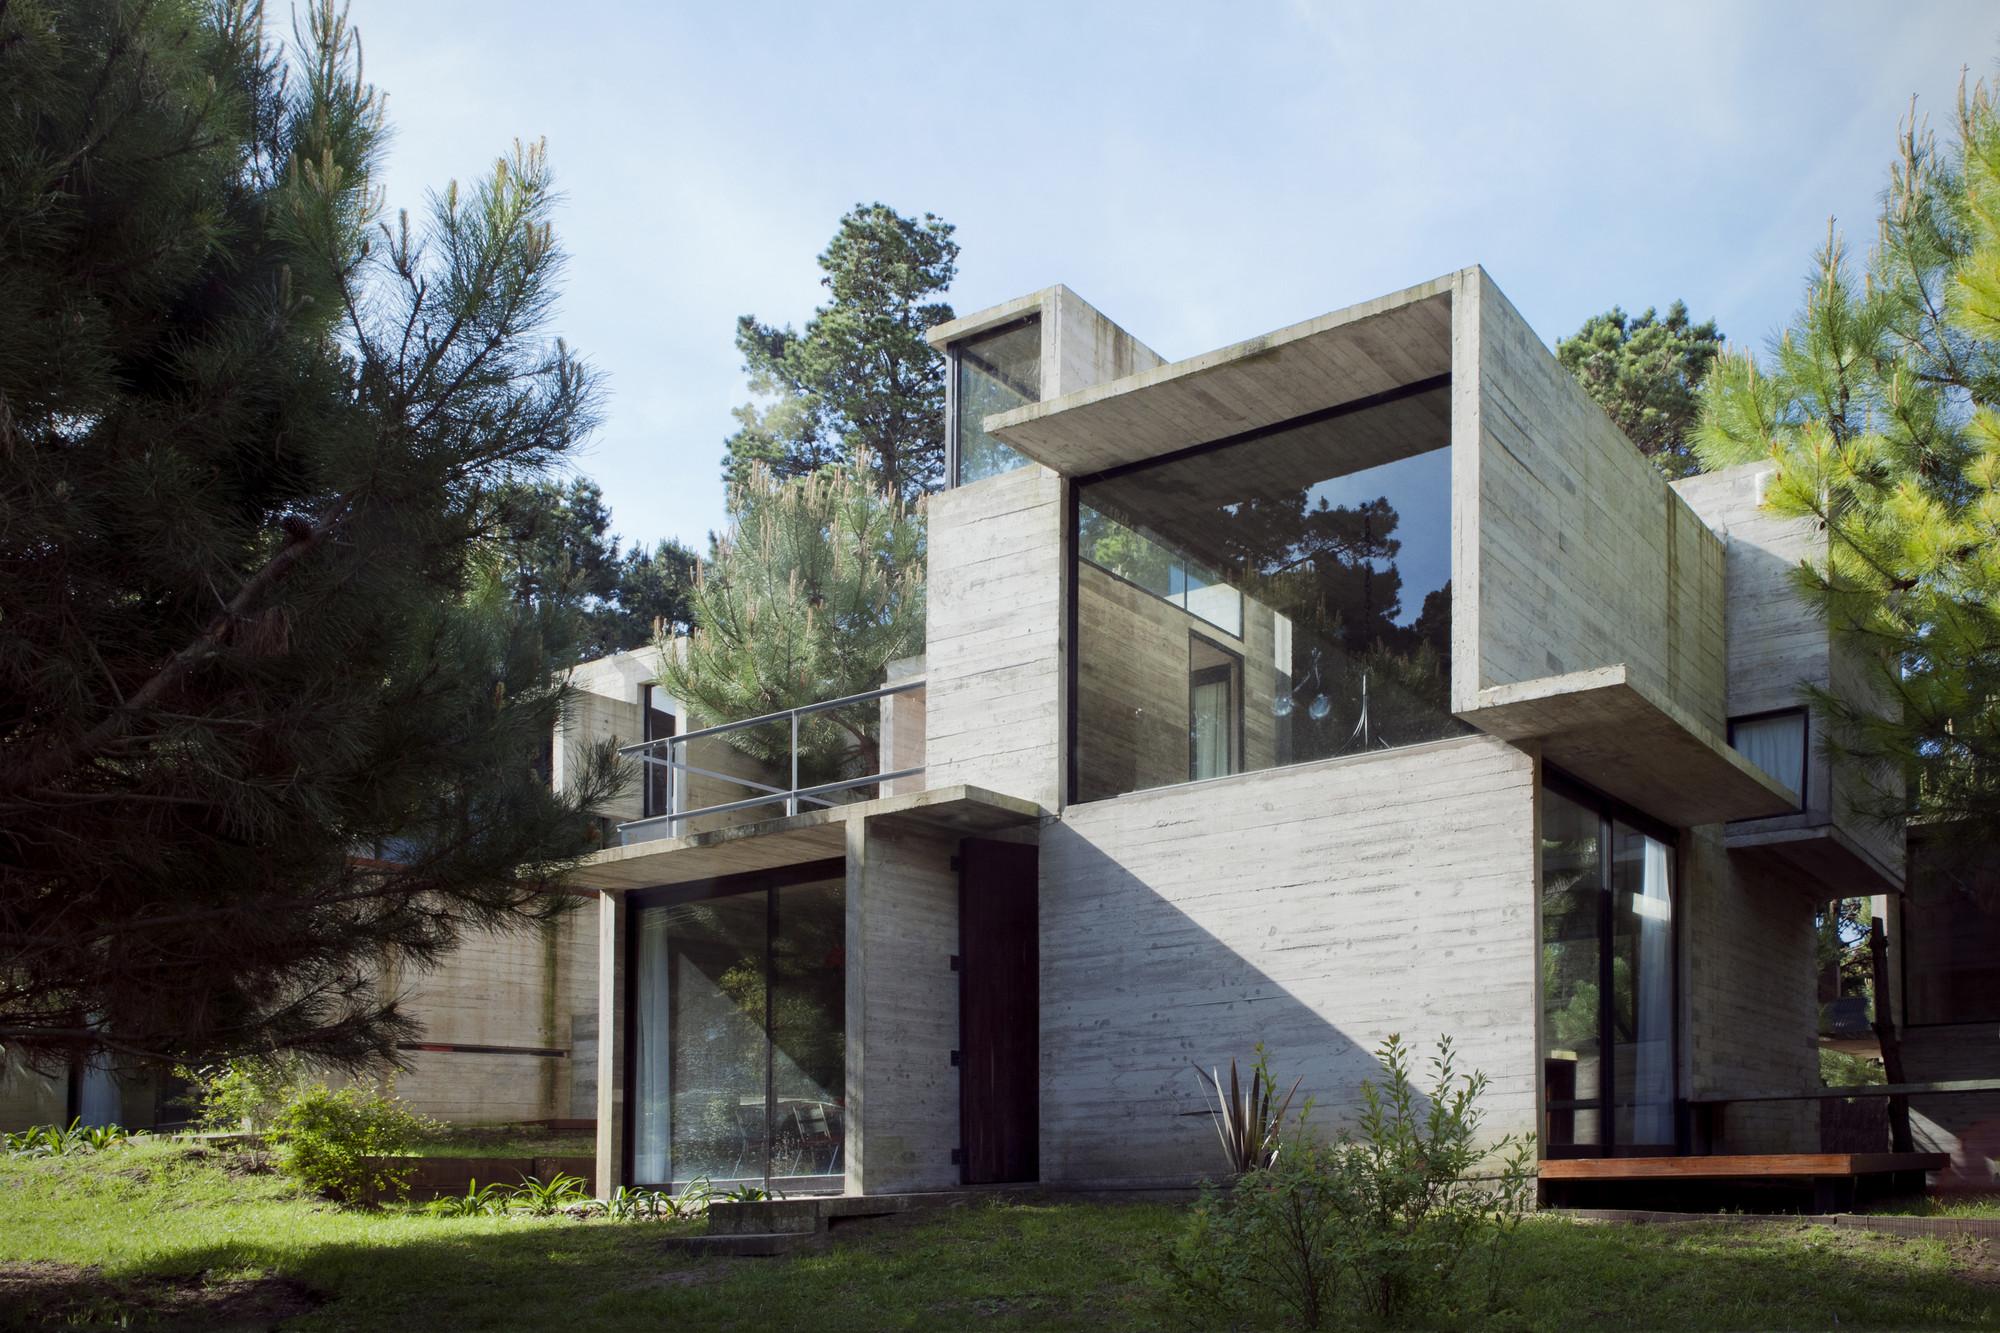 V+D SET / BAK arquitectos, © Inés Tanoira